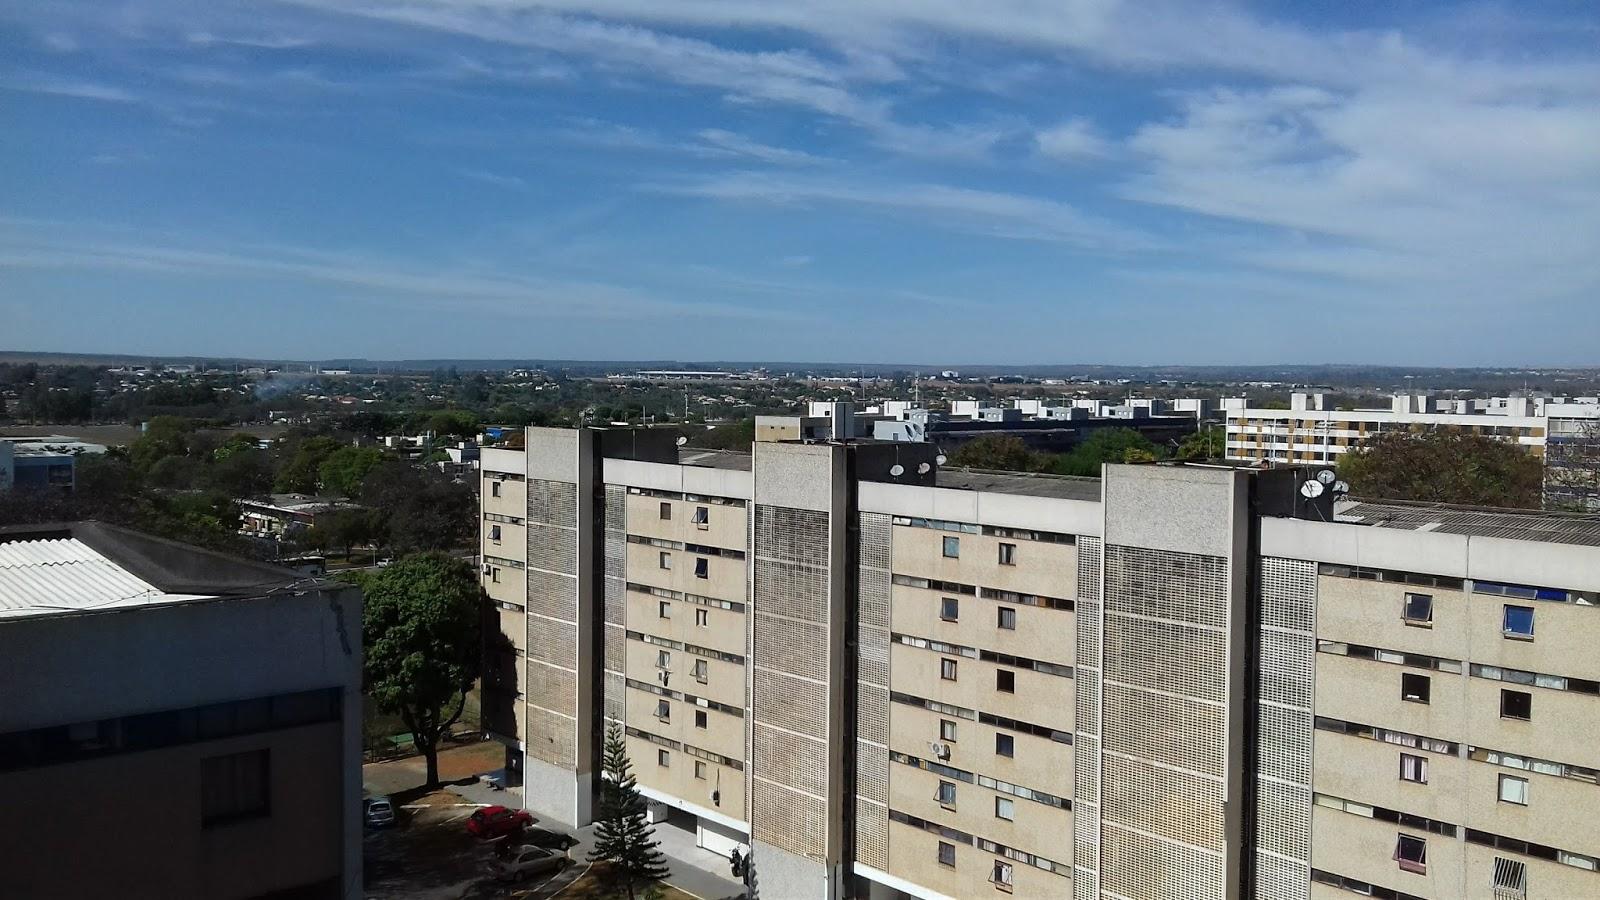 Desligamento TV analogica - Condominios e antenas coletivas do DF